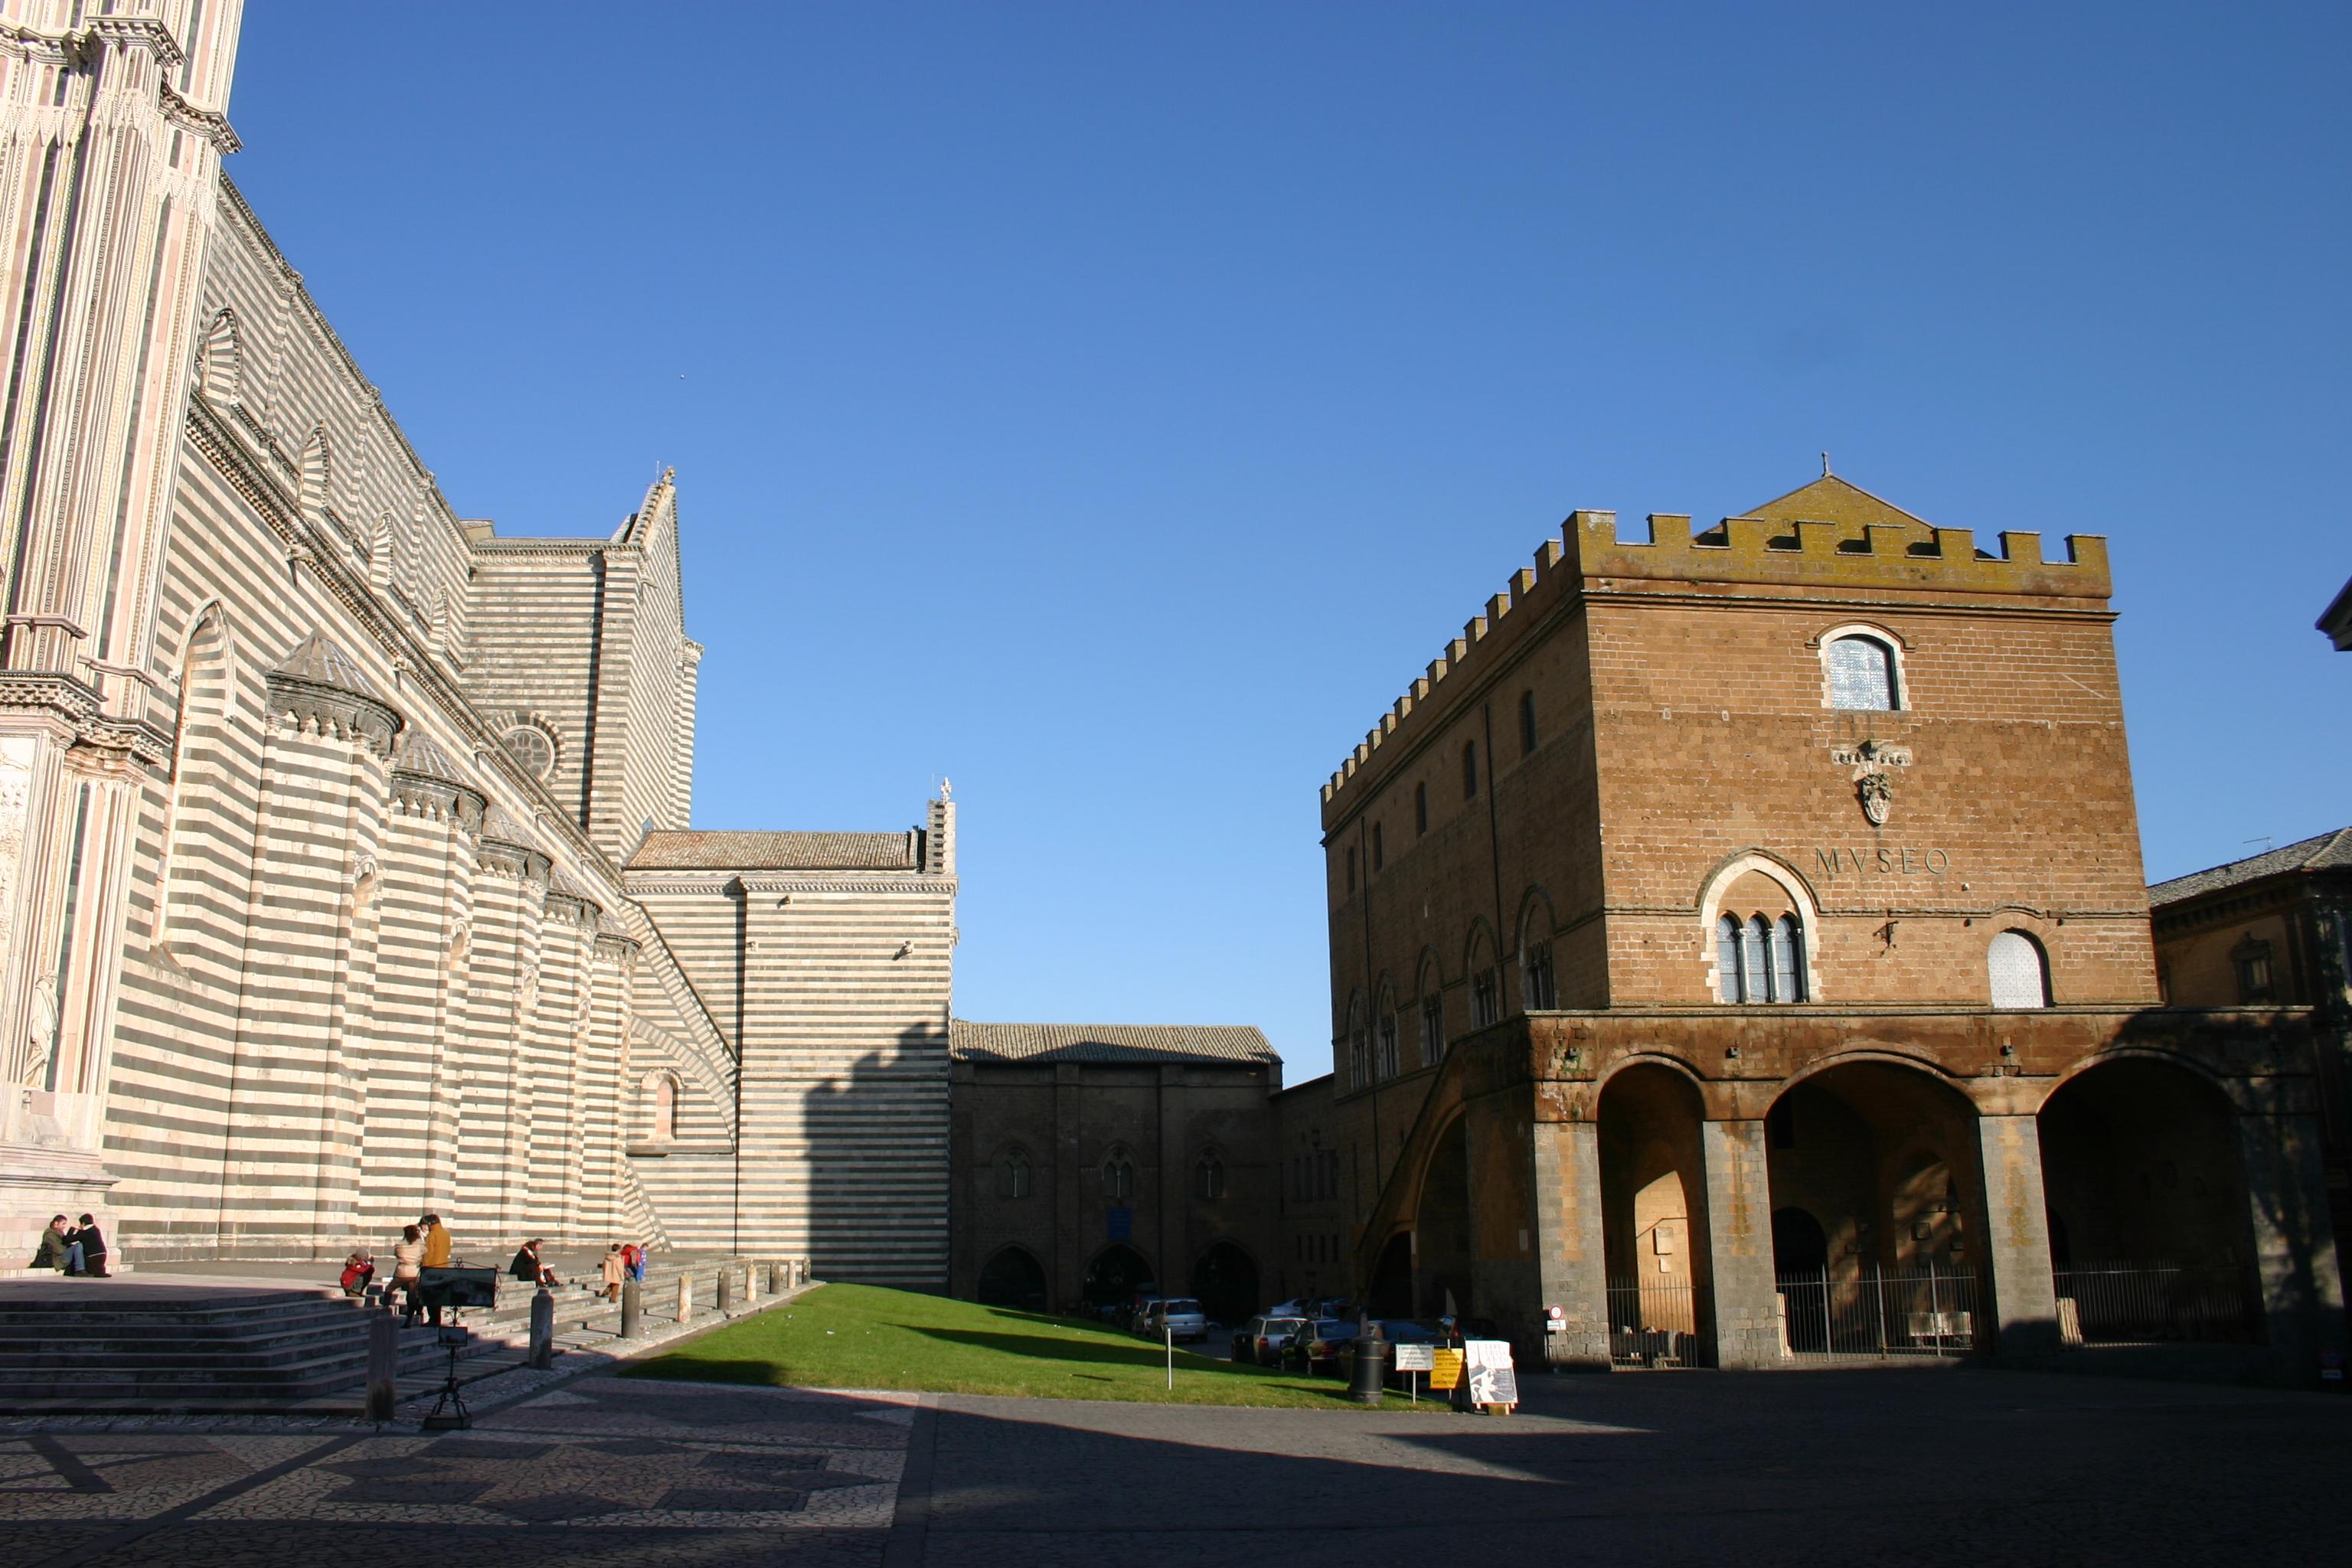 Орвието, город Италия Кафедральный собор Il Duomo di Orvieto Музей произведений Дуомо